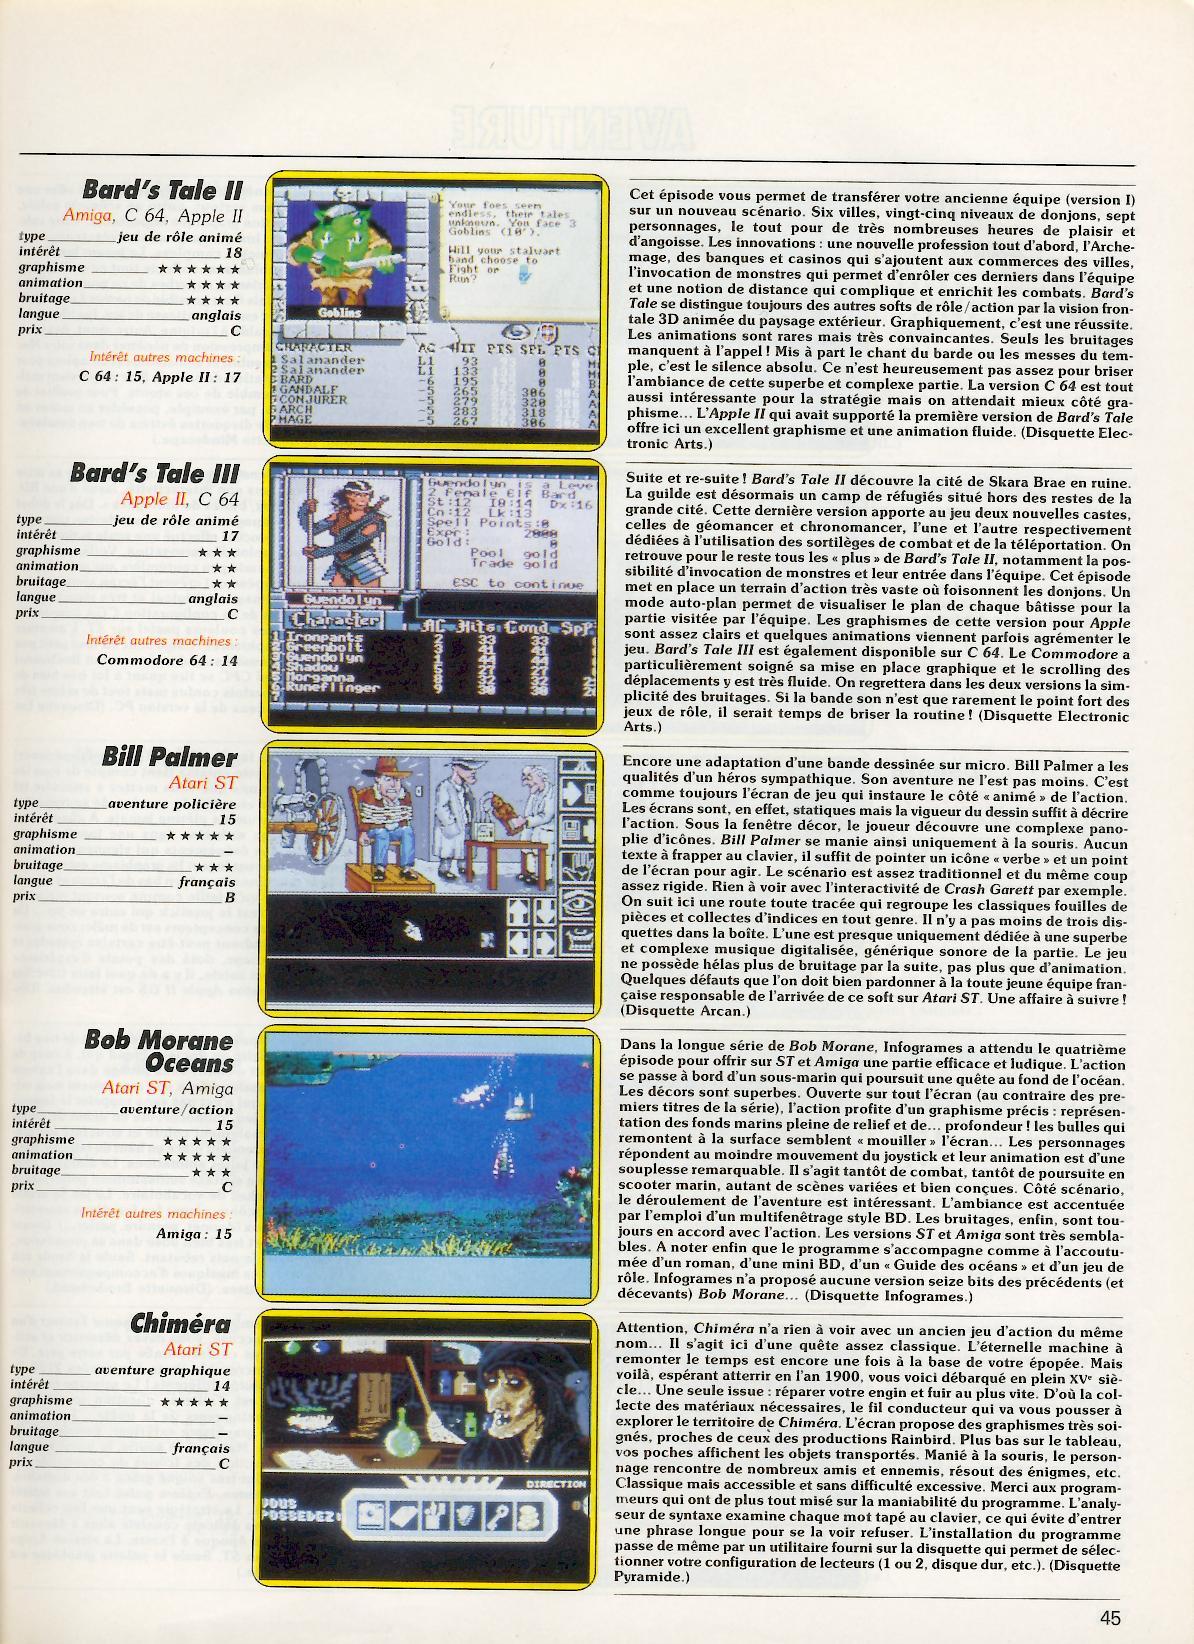 Les jeux de role sur micro 8 bits - Page 2 TILT%20060S%20(Jeux%20et%20Micro%20-%20Guide%201989)%20-%20Page%20045